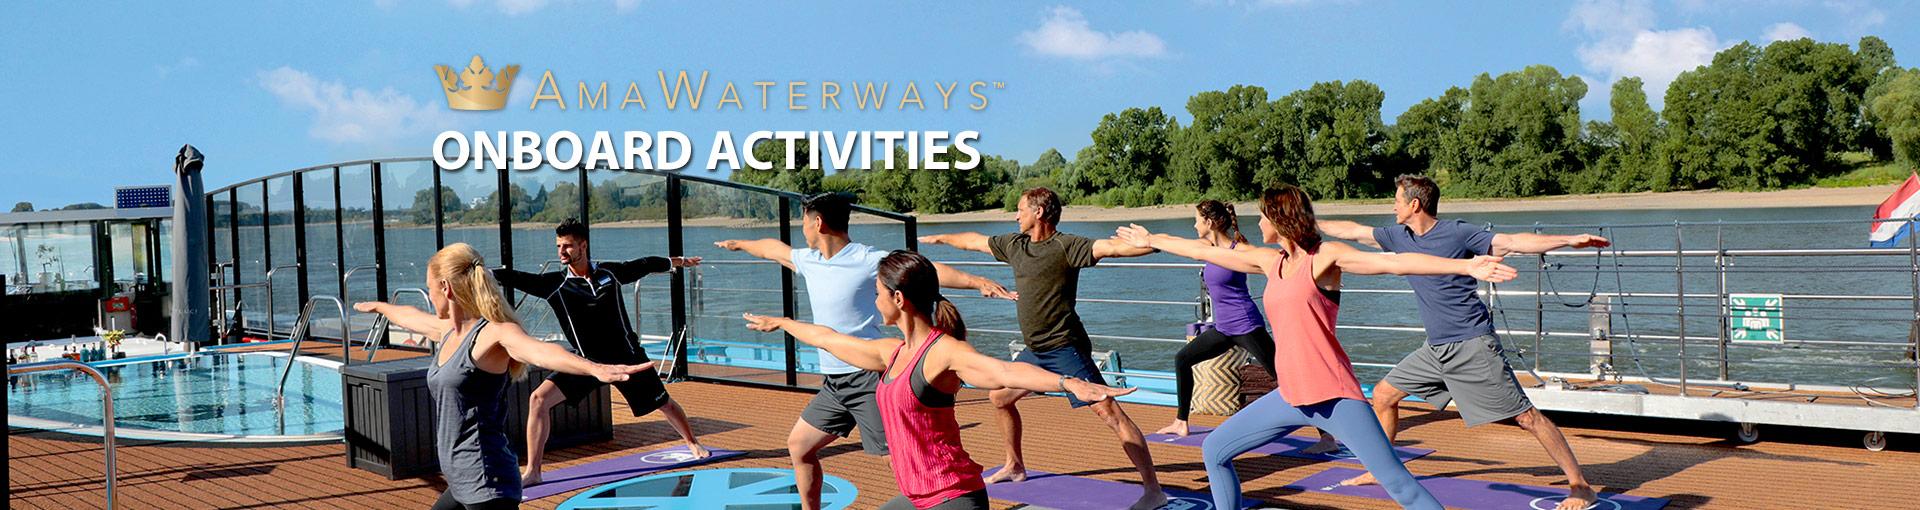 AmaWaterways Onboard Activities